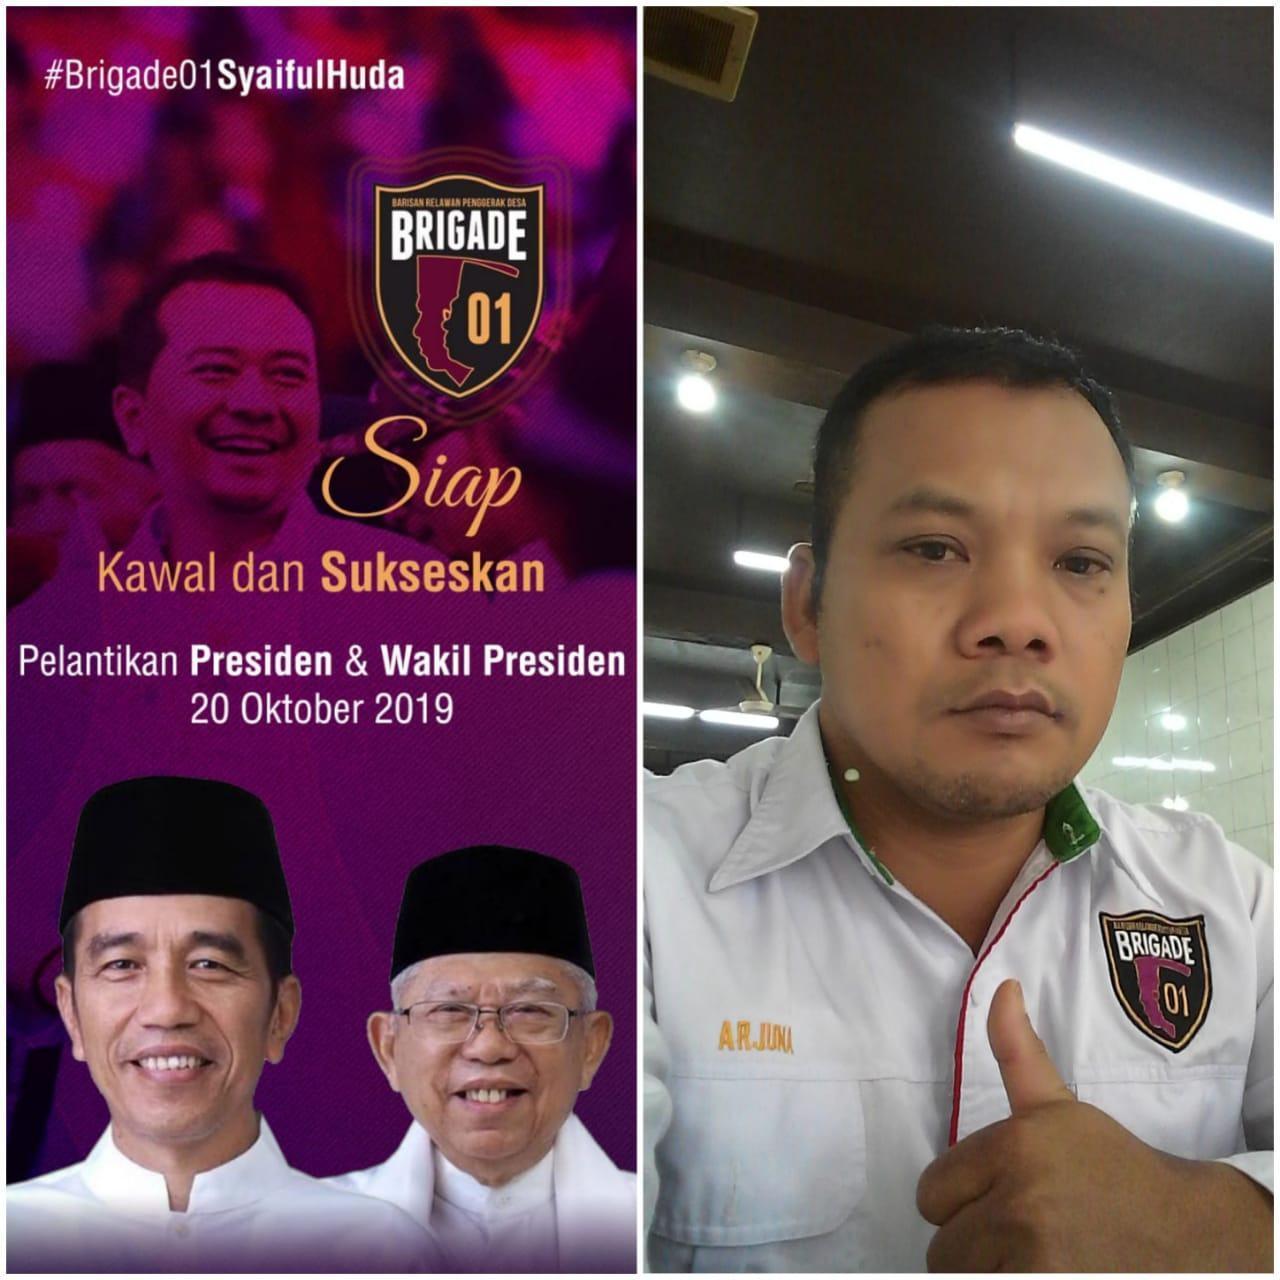 Brigade 01 Sumut, Siap Laksanakan Intruksi Kawal Pelantikan Presiden